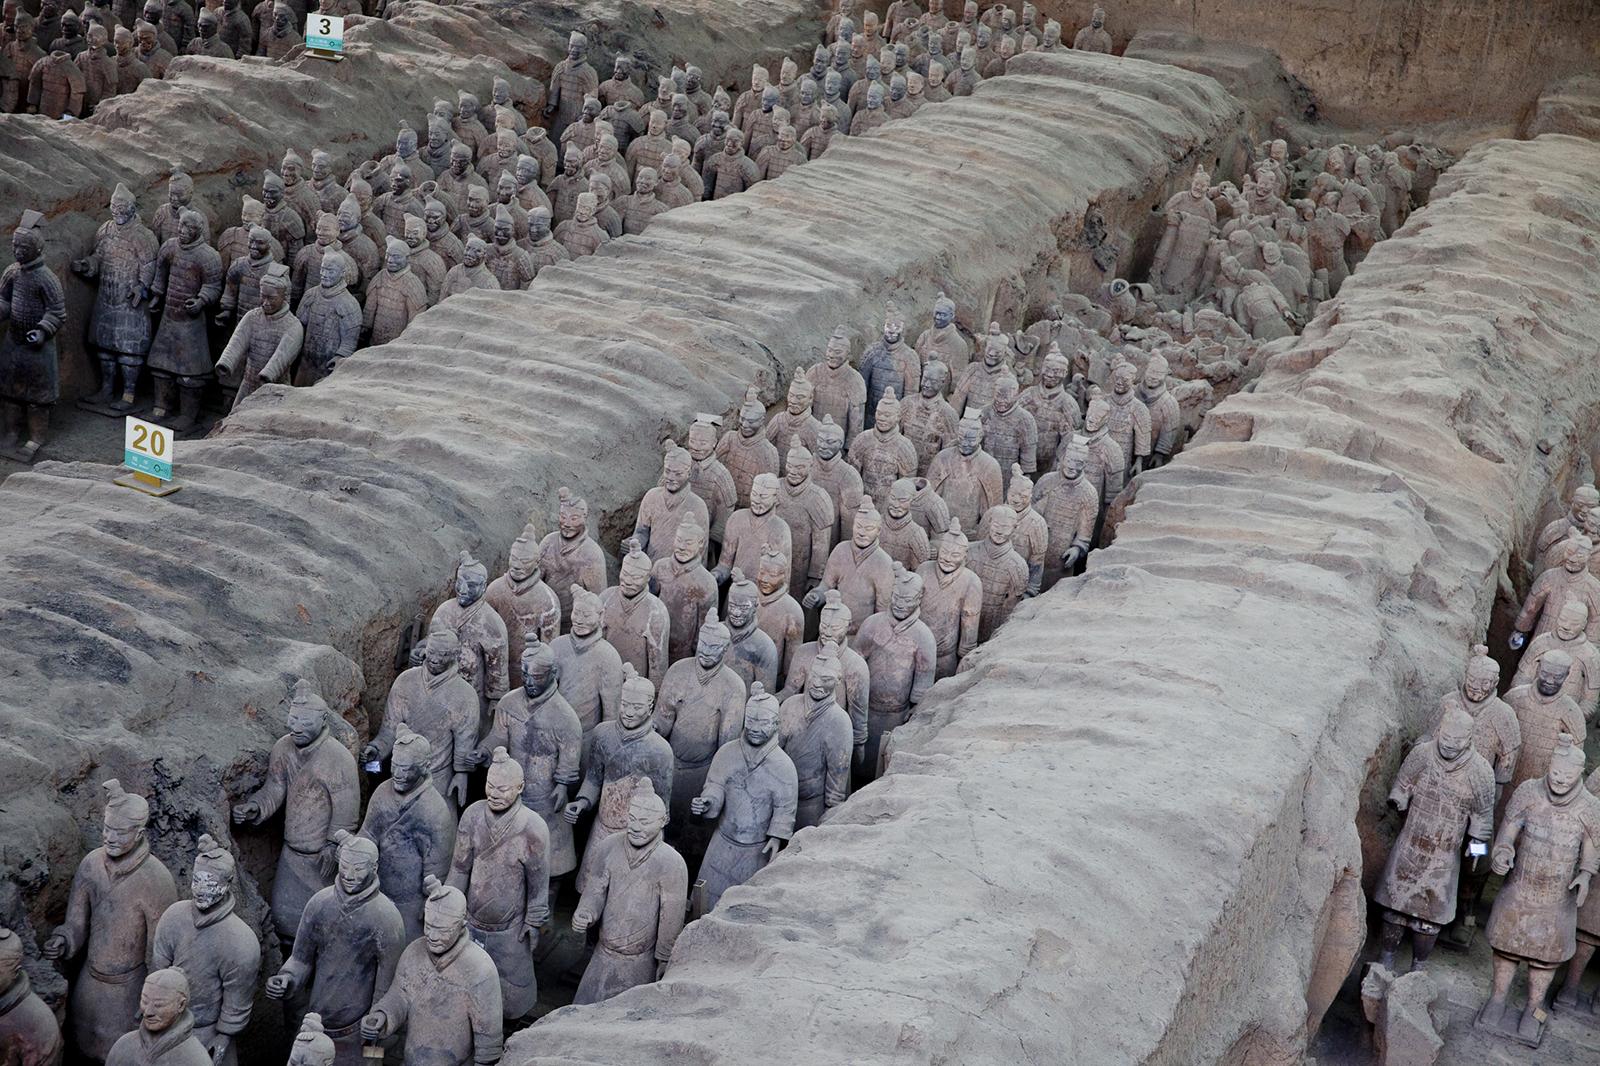 Çin'de Terakota Askerleri Kazısı Yeniden Başladı